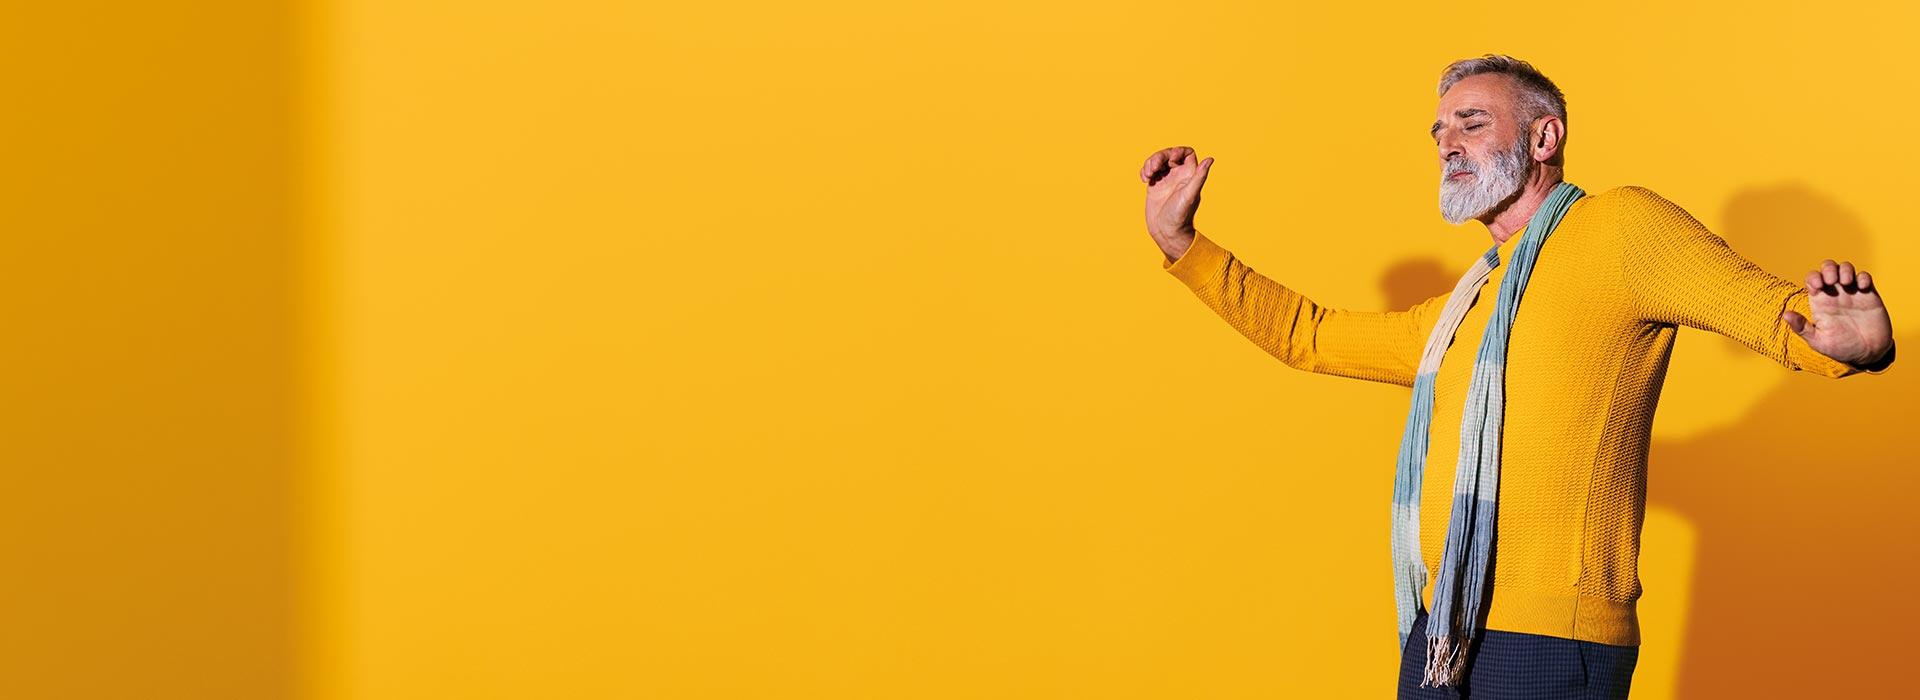 Une femme d'âge mûr qui porte des aides auditives Philips HearLink, qui danse et qui a confiance en elle.